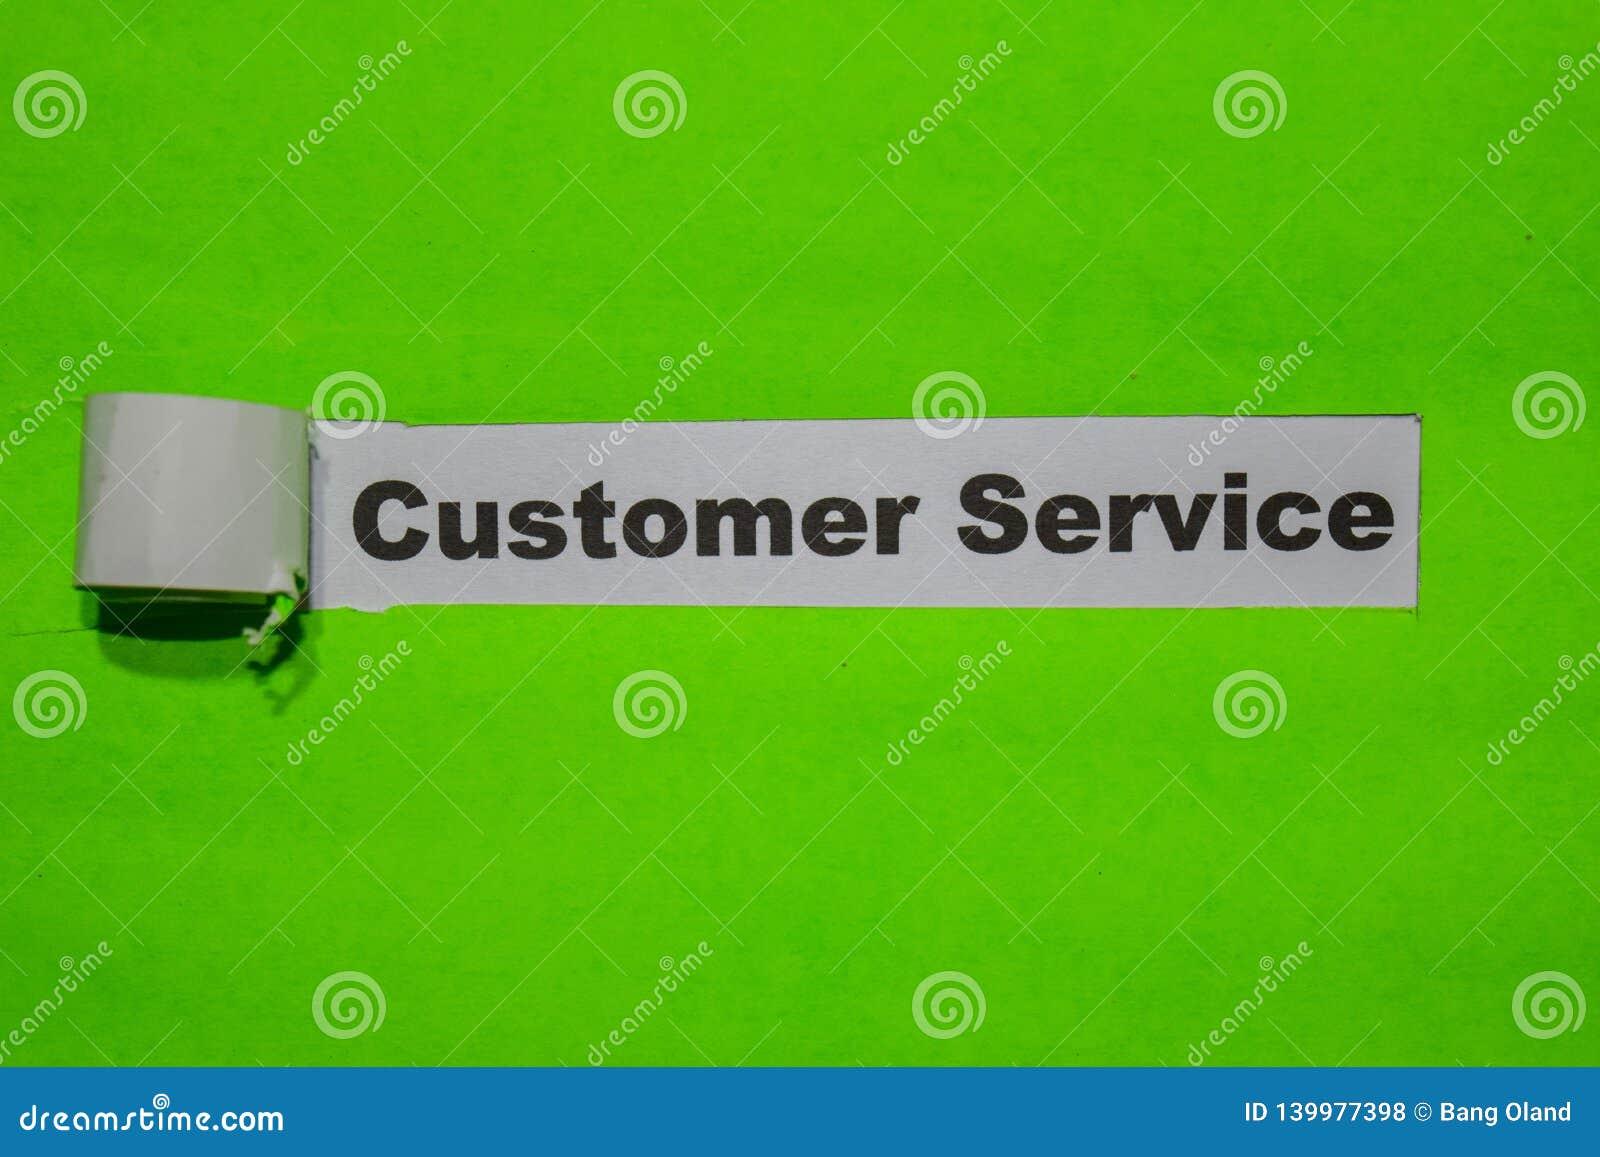 Έννοια εξυπηρέτησης πελατών, έμπνευσης και επιχειρήσεων σε πράσινο σχισμένο χαρτί